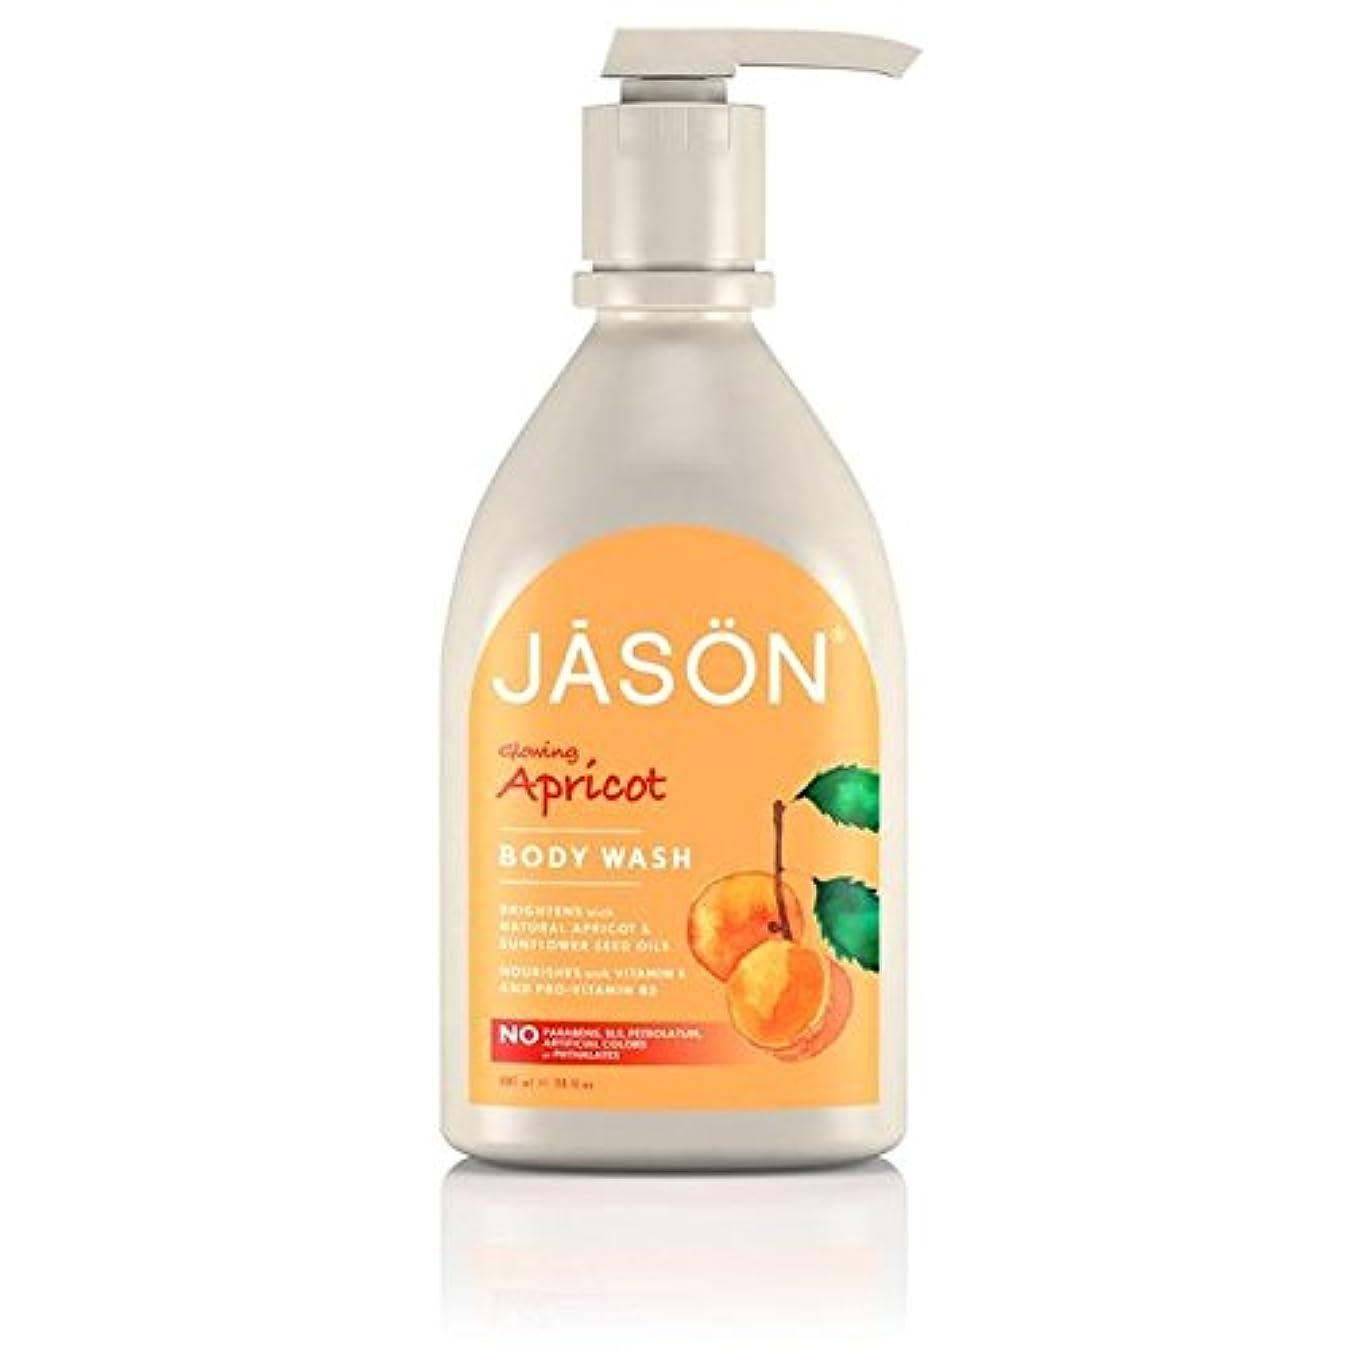 キモい軽蔑する引退したJason Apricot Satin Body Wash Pump 900ml - ジェイソン?アプリコットサテンボディウォッシュポンプ900ミリリットル [並行輸入品]